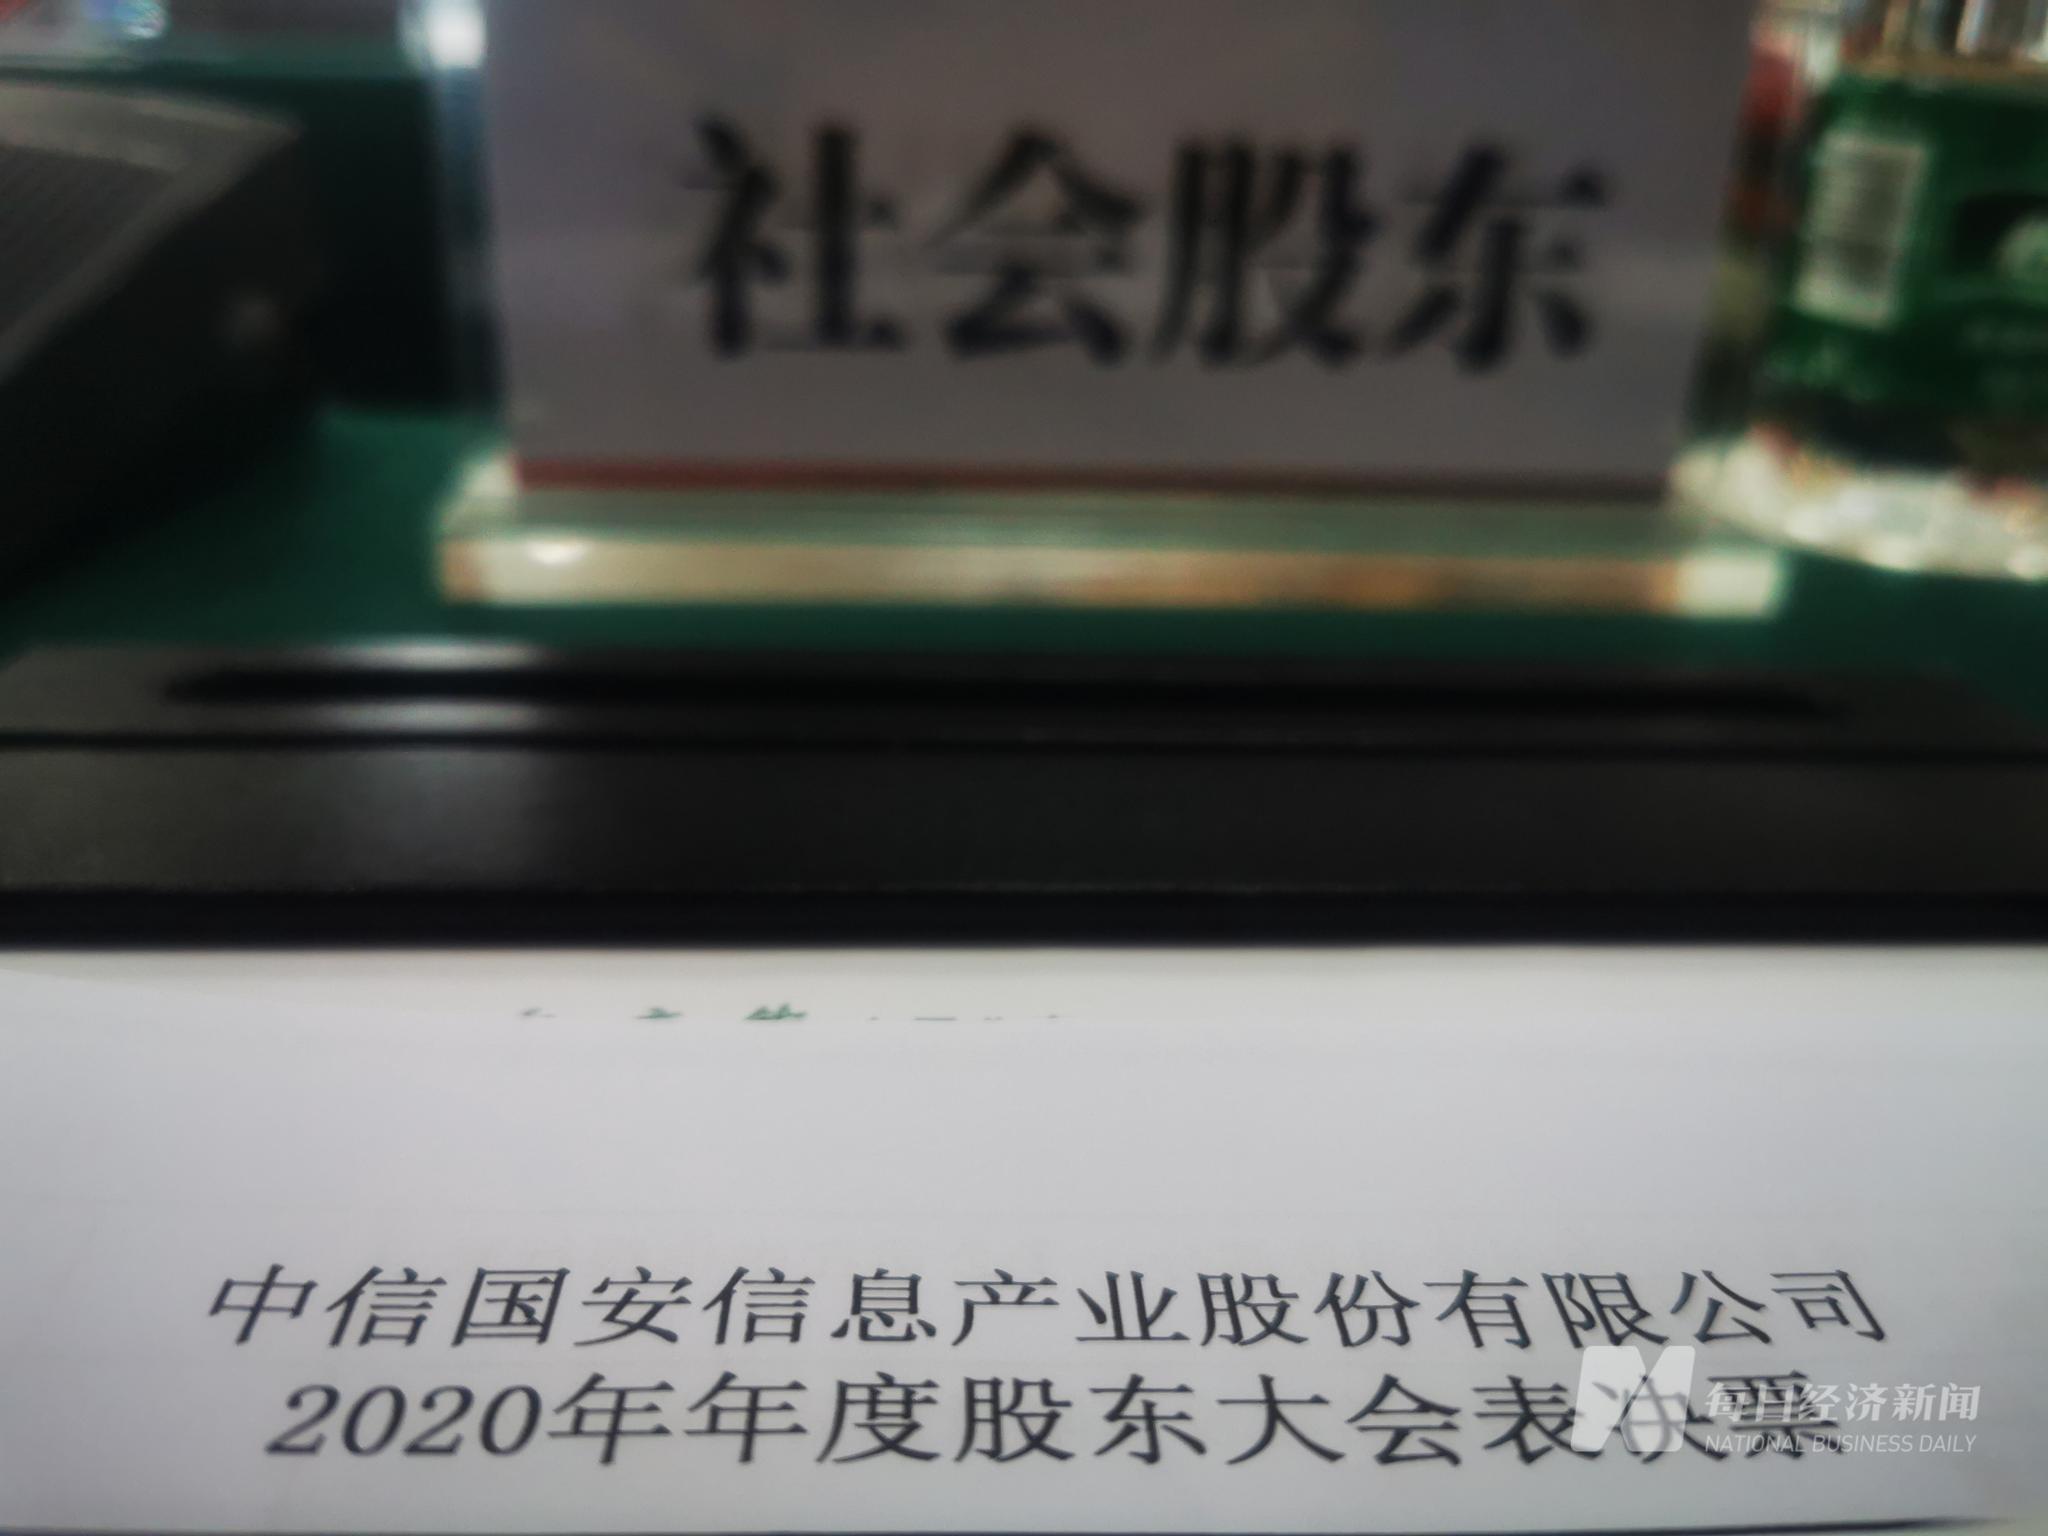 中信国安新任管理层:尚未收到股民索赔案件传票 未来业务发展不会急于求成